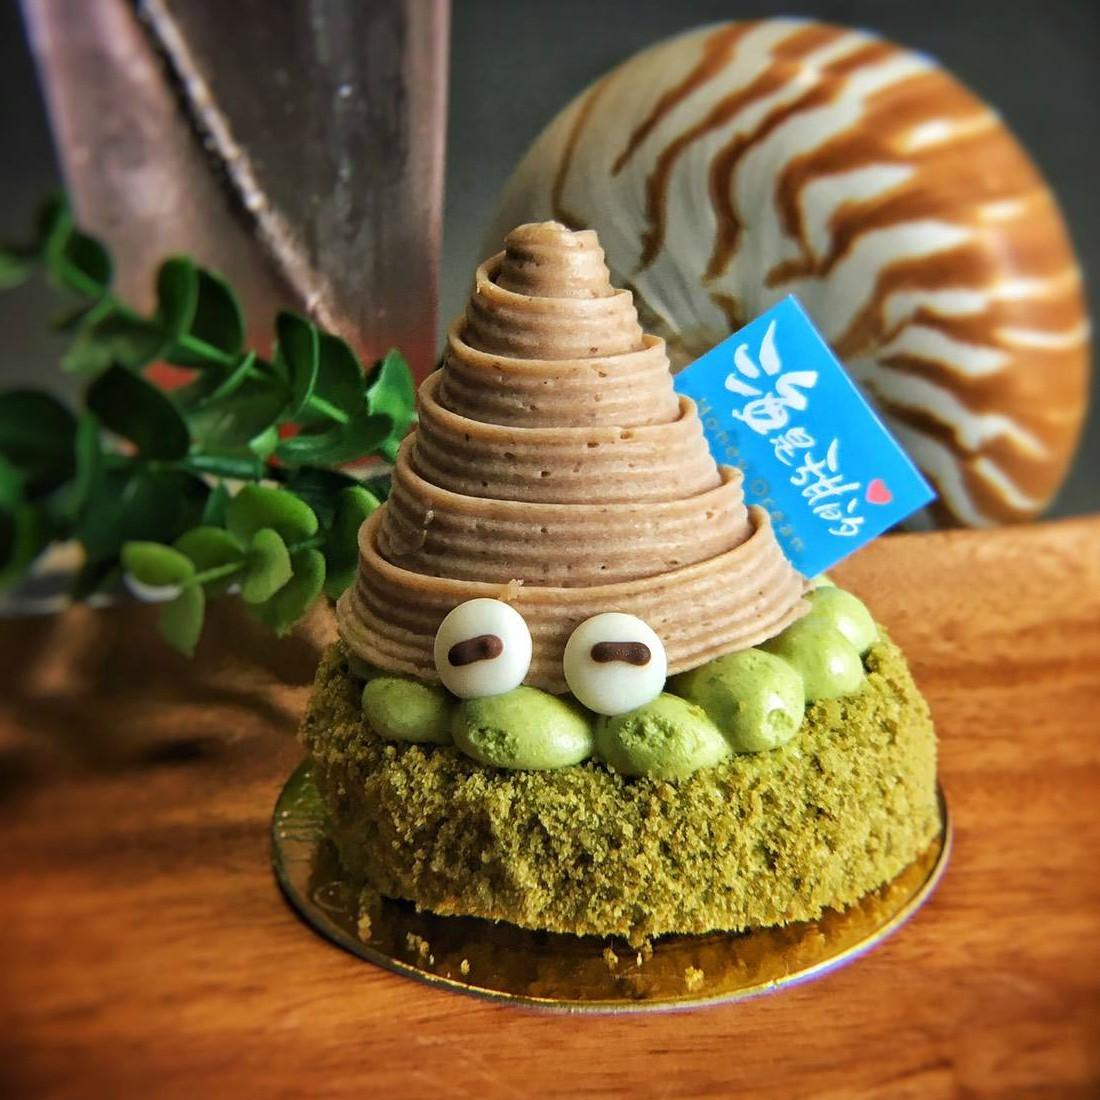 🐳海是甜的 2.5吋▶寄居蟹 抹茶控的最愛!靜岡縣抹茶蛋糕✚抹茶奶醬✚栗子慕斯✚香橙內餡,不甜不膩濃濃抹茶香